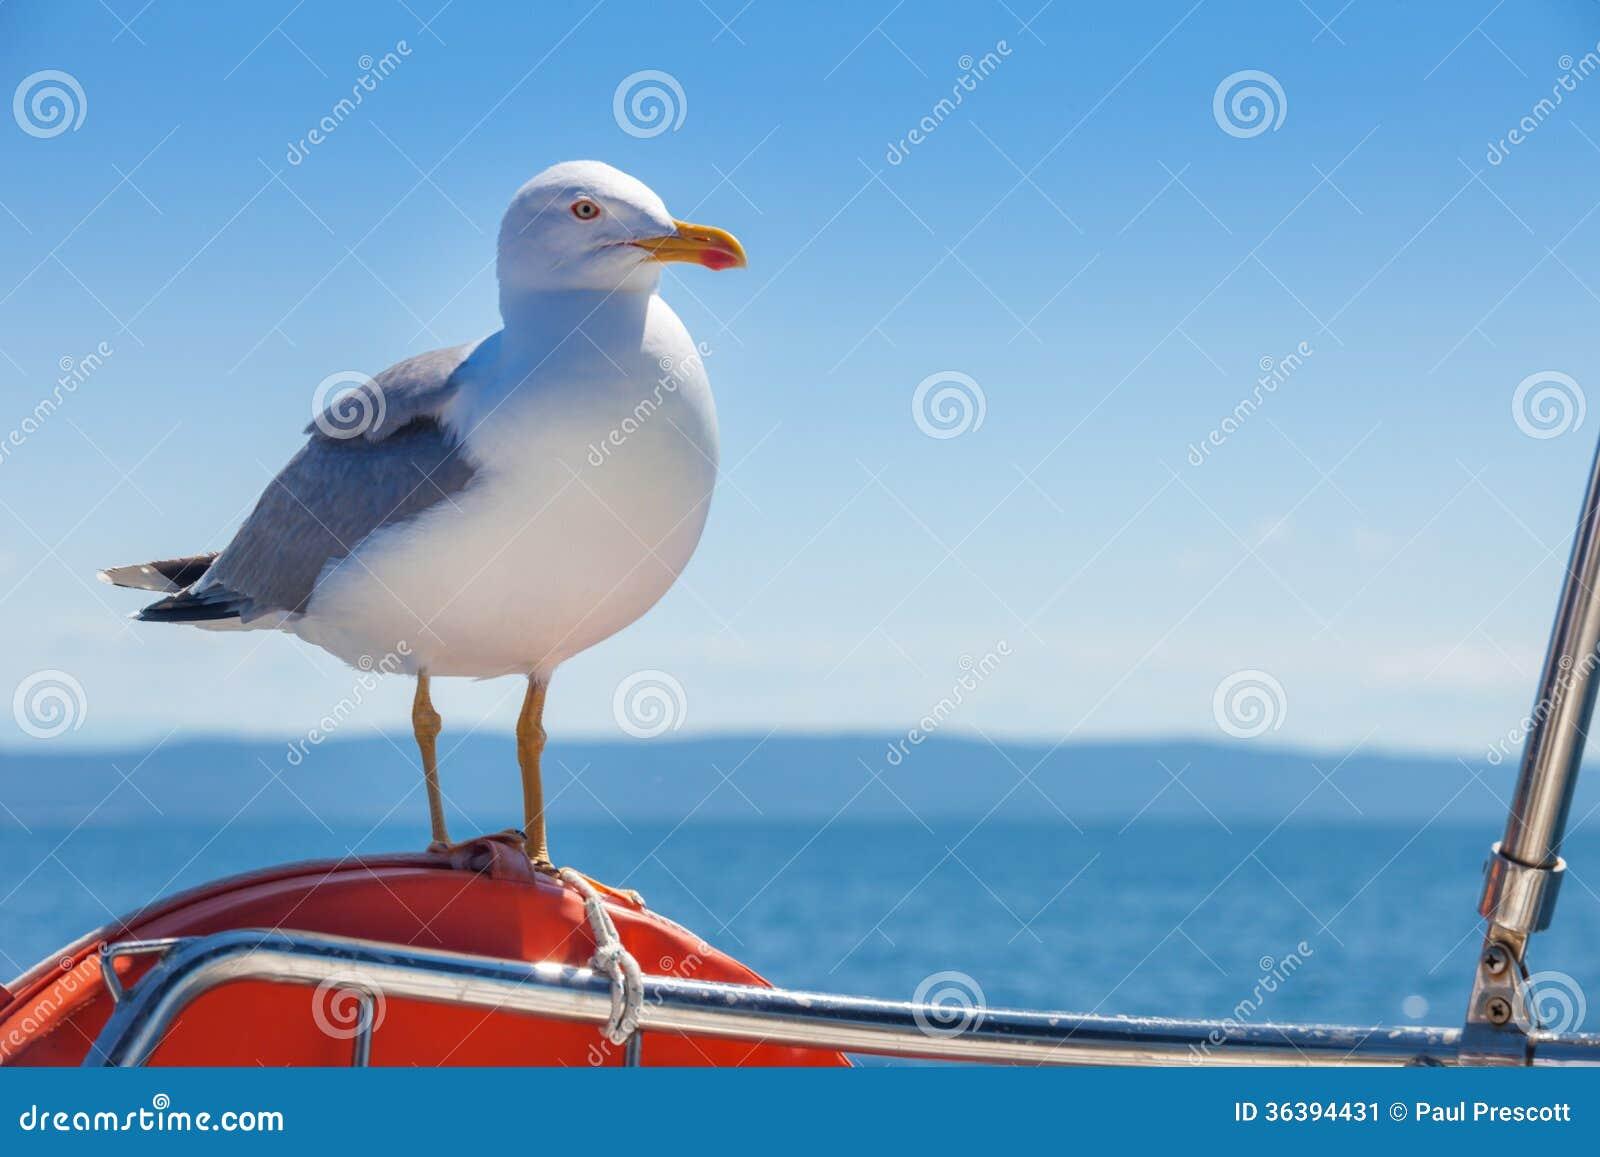 Seagull pozycja na pomarańczowym lifebelt